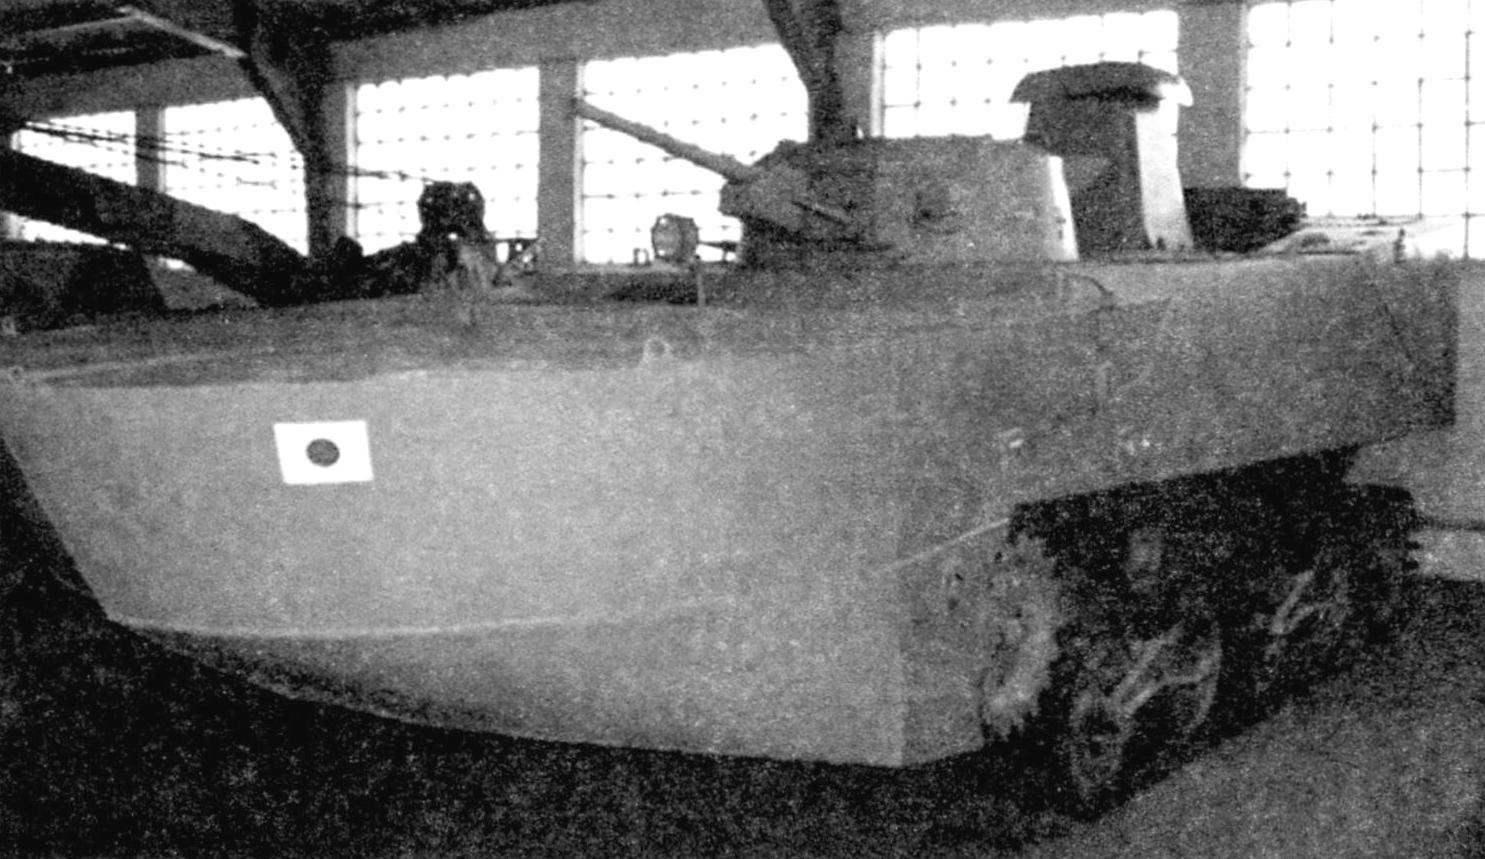 Плавающий танк «Ка-Ми» в экспозиции Военно-исторического музея бронетанкового вооружении и техники в подмосковной Кубинке